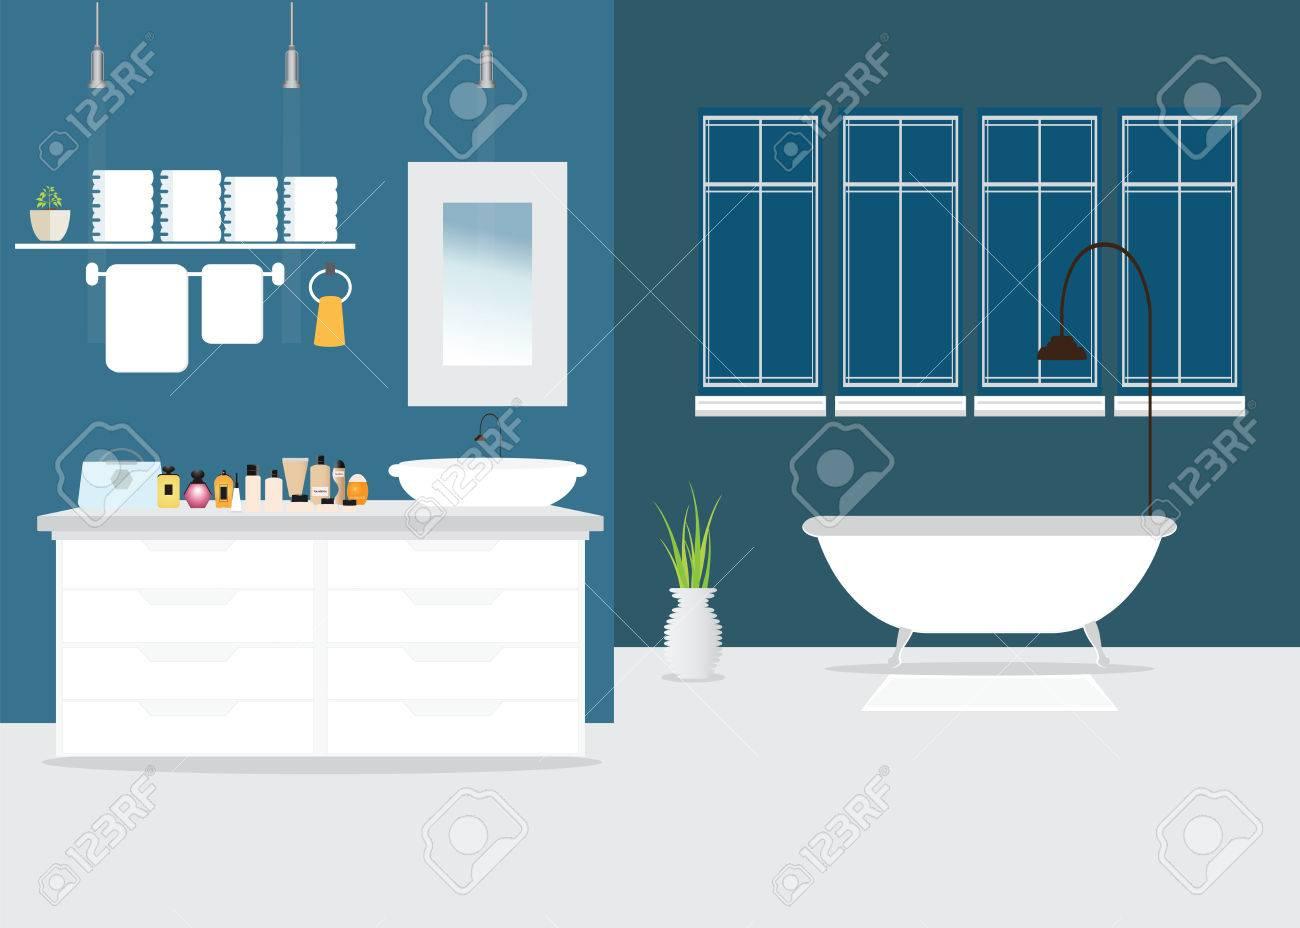 Entre El Diseño Moderno Cuarto De Baño Con Muebles, Bañera, Lavabo ...